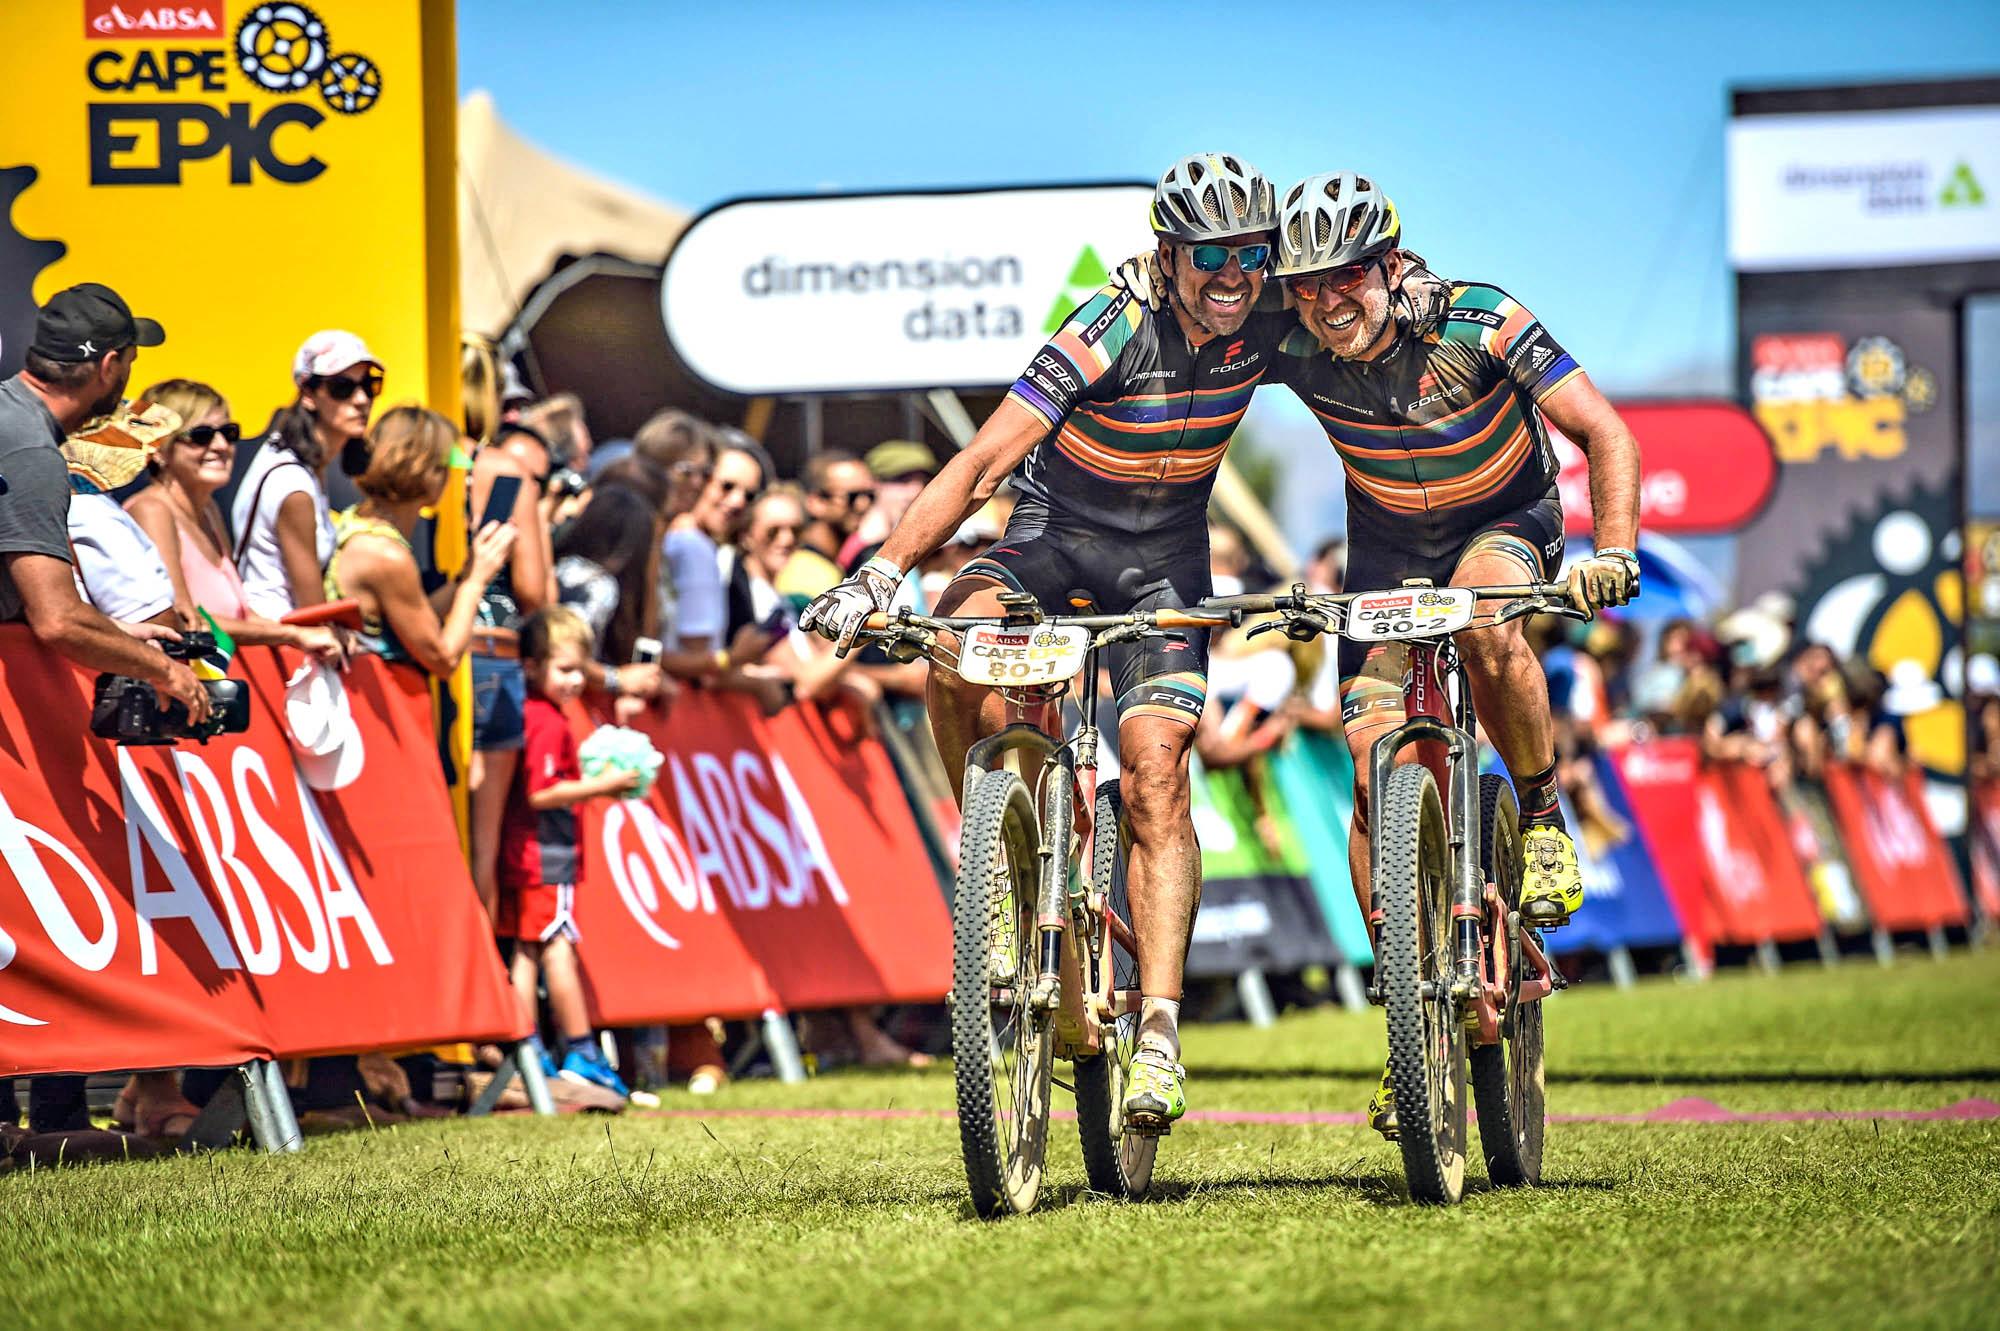 Mike Kluge und ich glücklich im Ziel beim Cape Epic 2017.